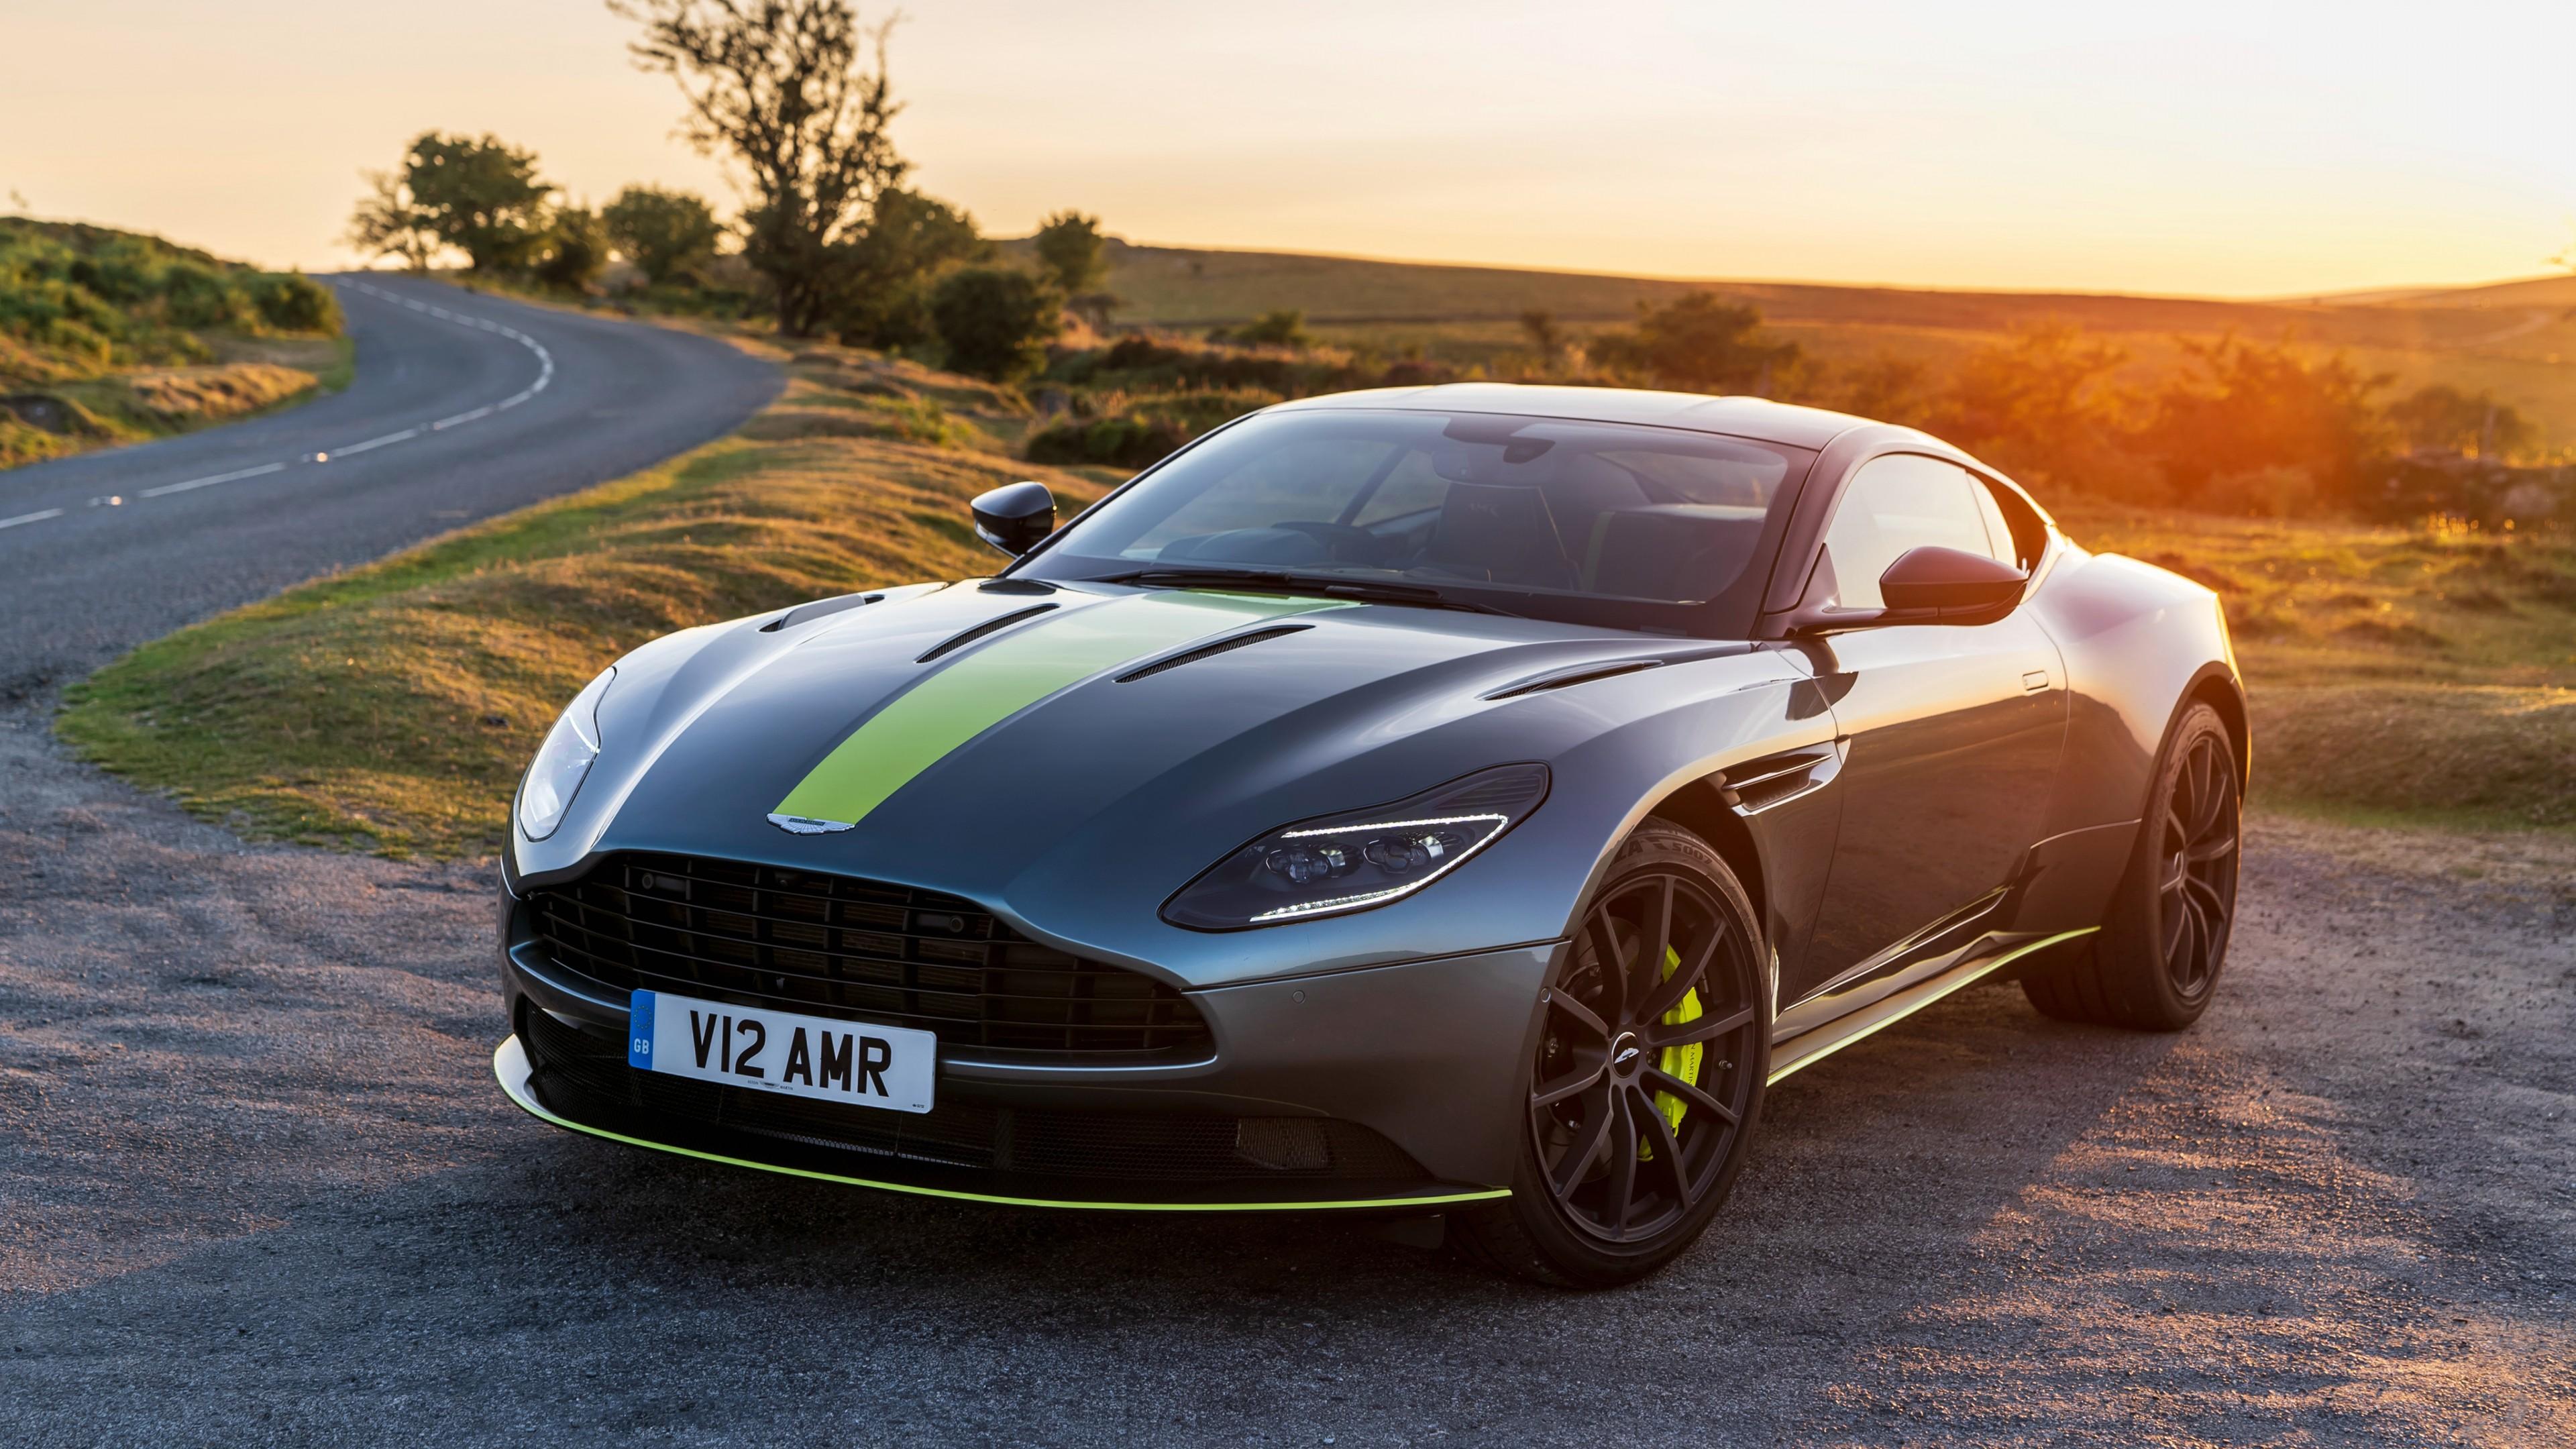 Престижный спортивный автомобиль серебристо-серого цвета с зеленой полосой в золотых лучах